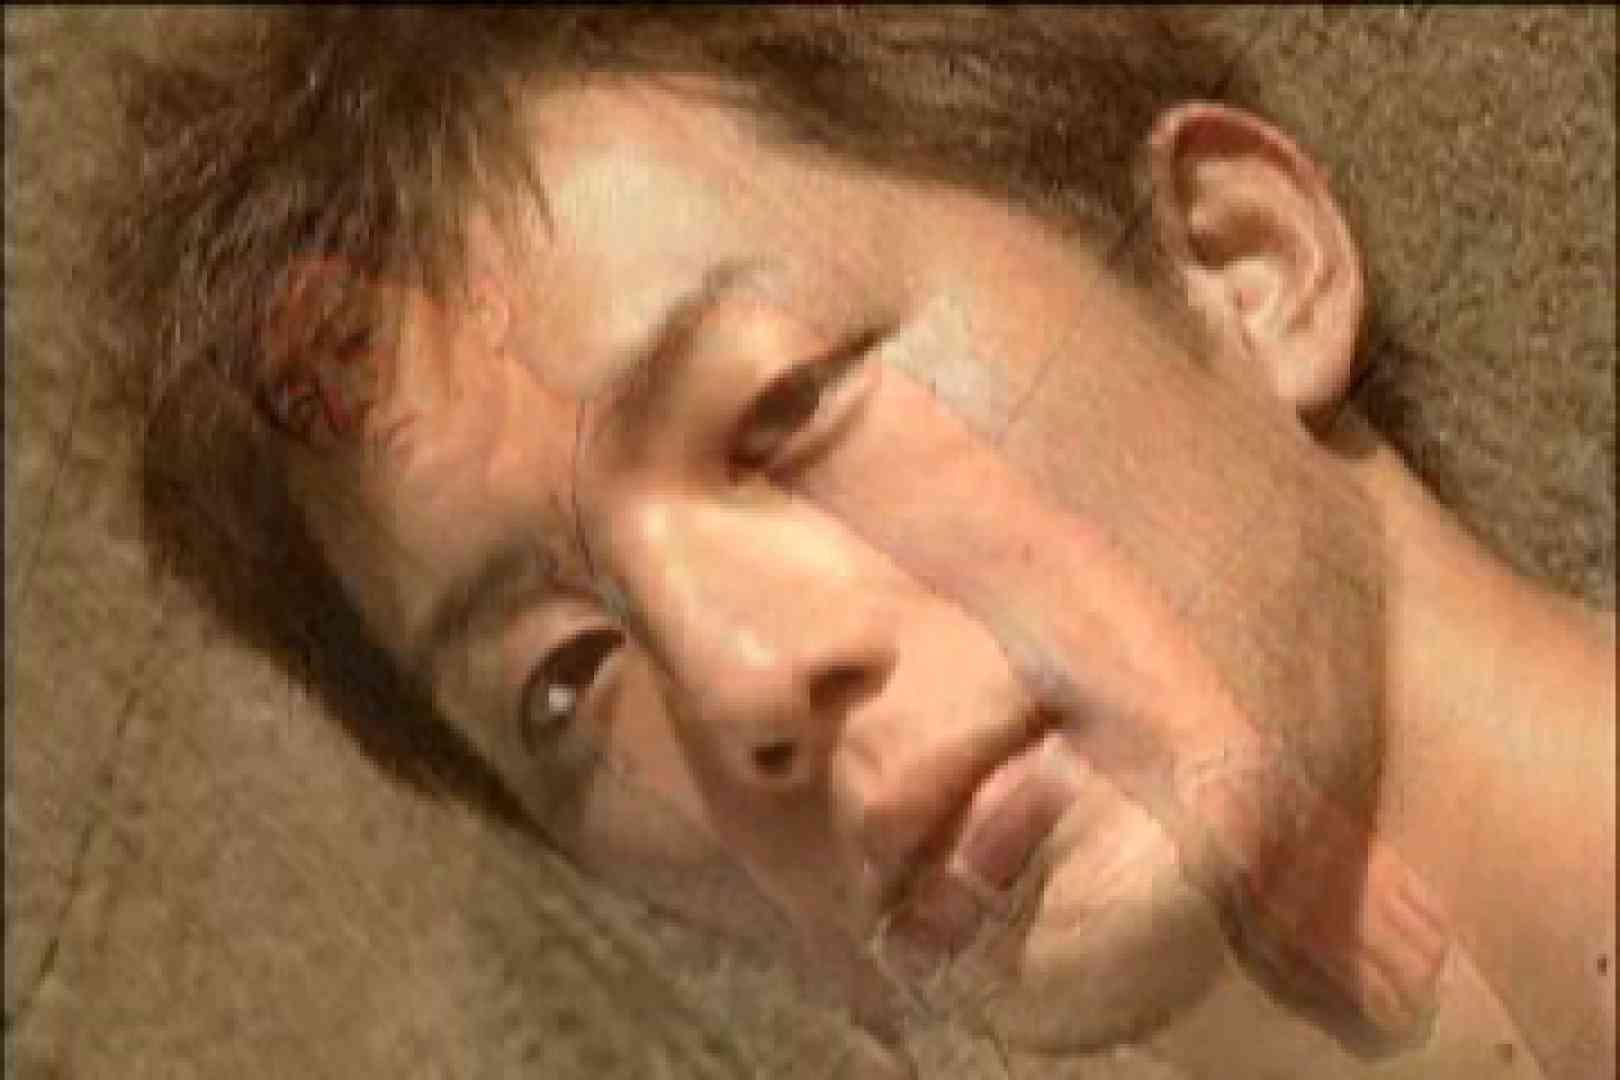 イケメン☆パラダイス〜男ざかりの君たちへ〜vol.4 ケツマン | アナル舐め ゲイエロビデオ画像 14連発 1